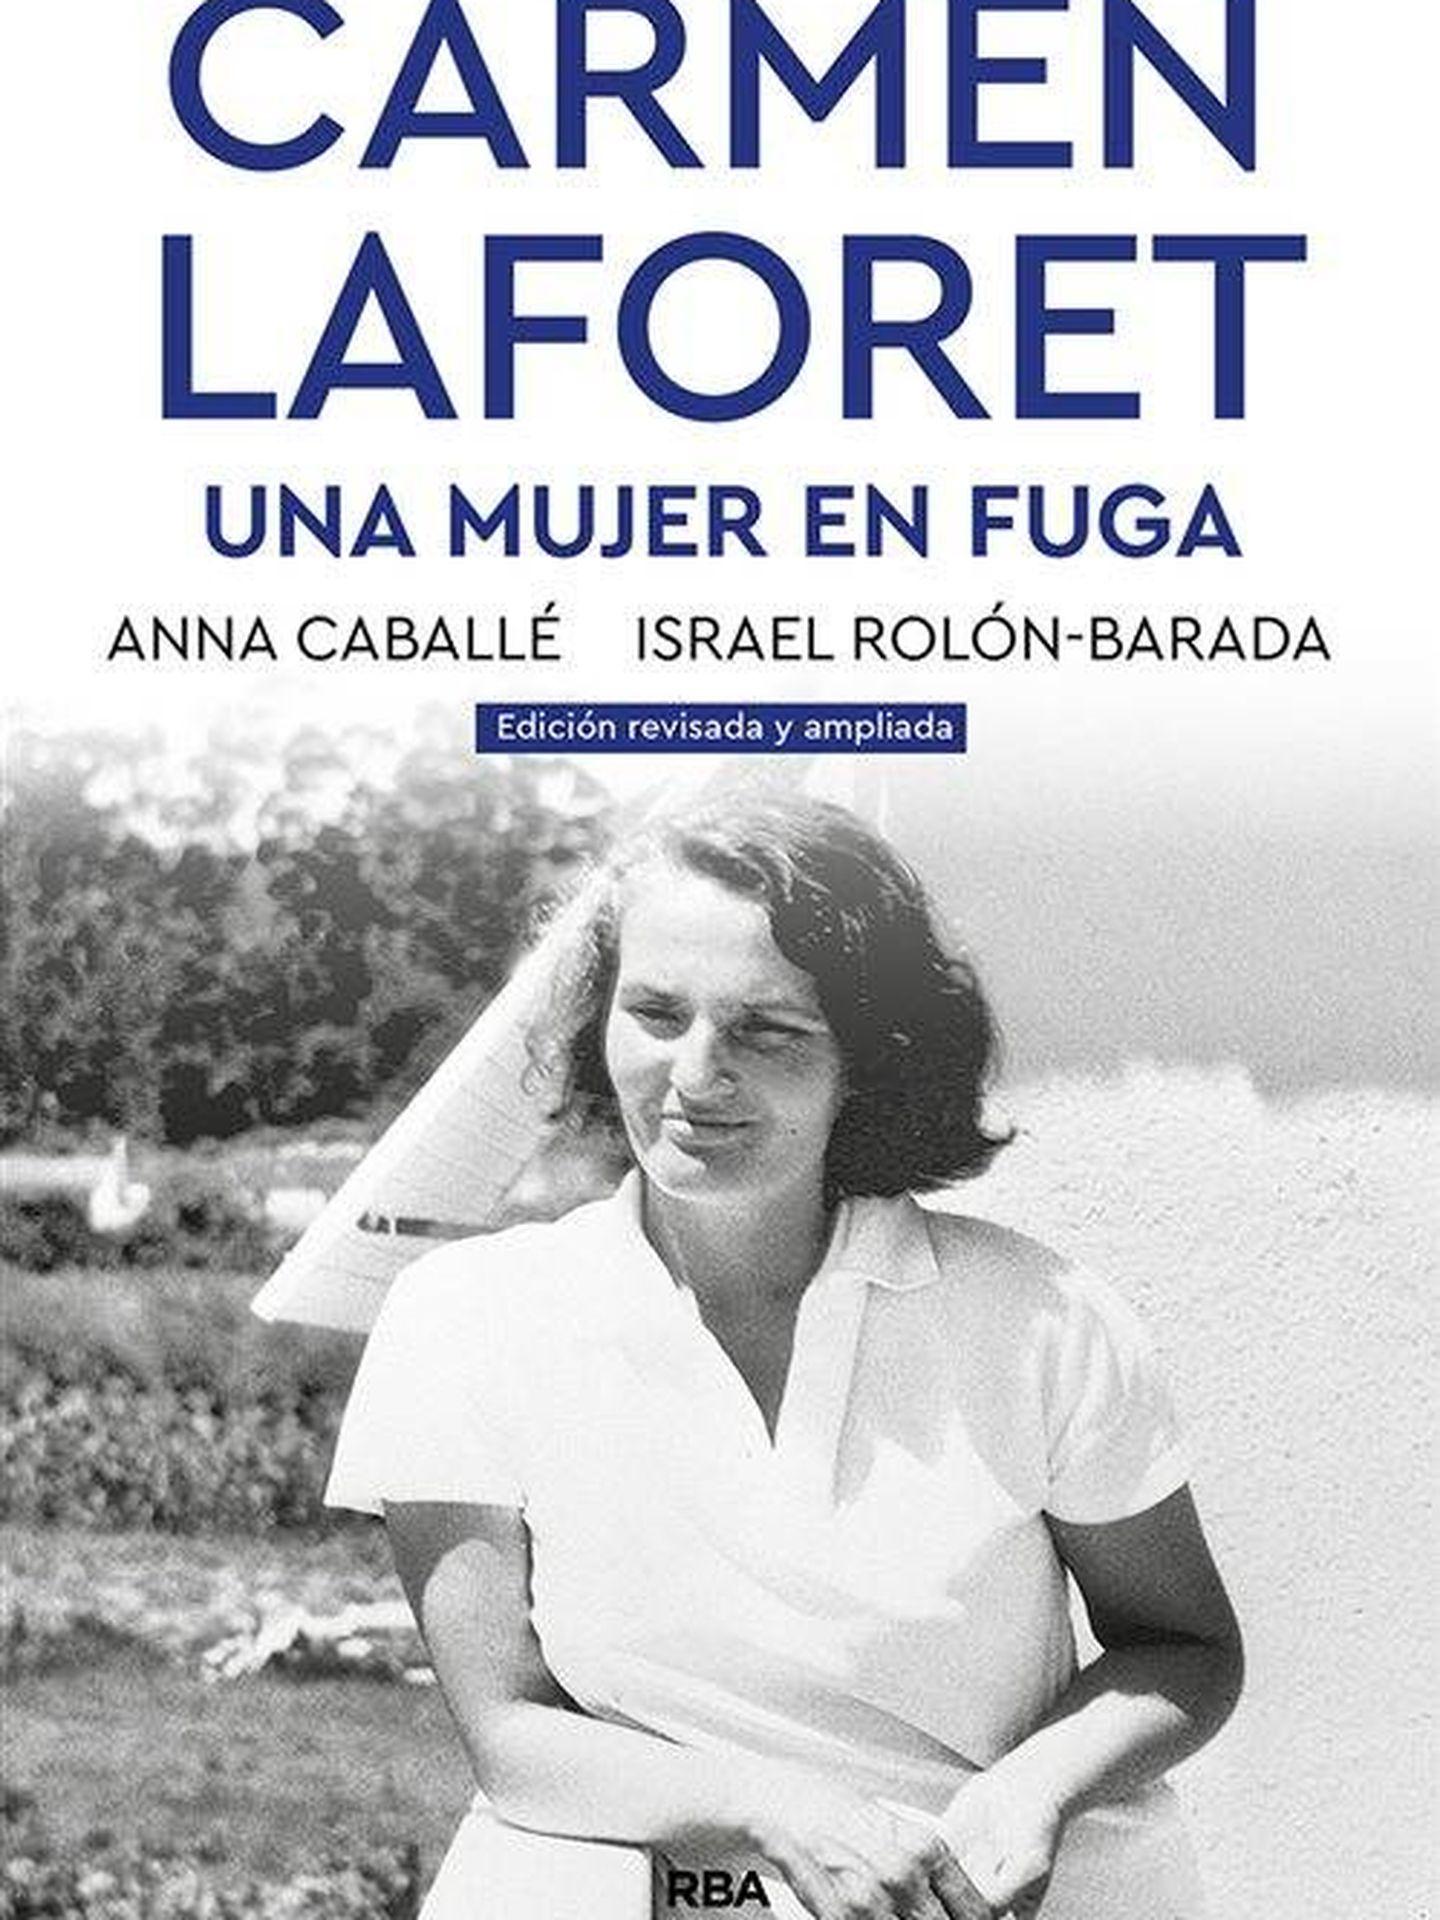 'Carmen Laforet. Una mujer en fuga'. (RBA)